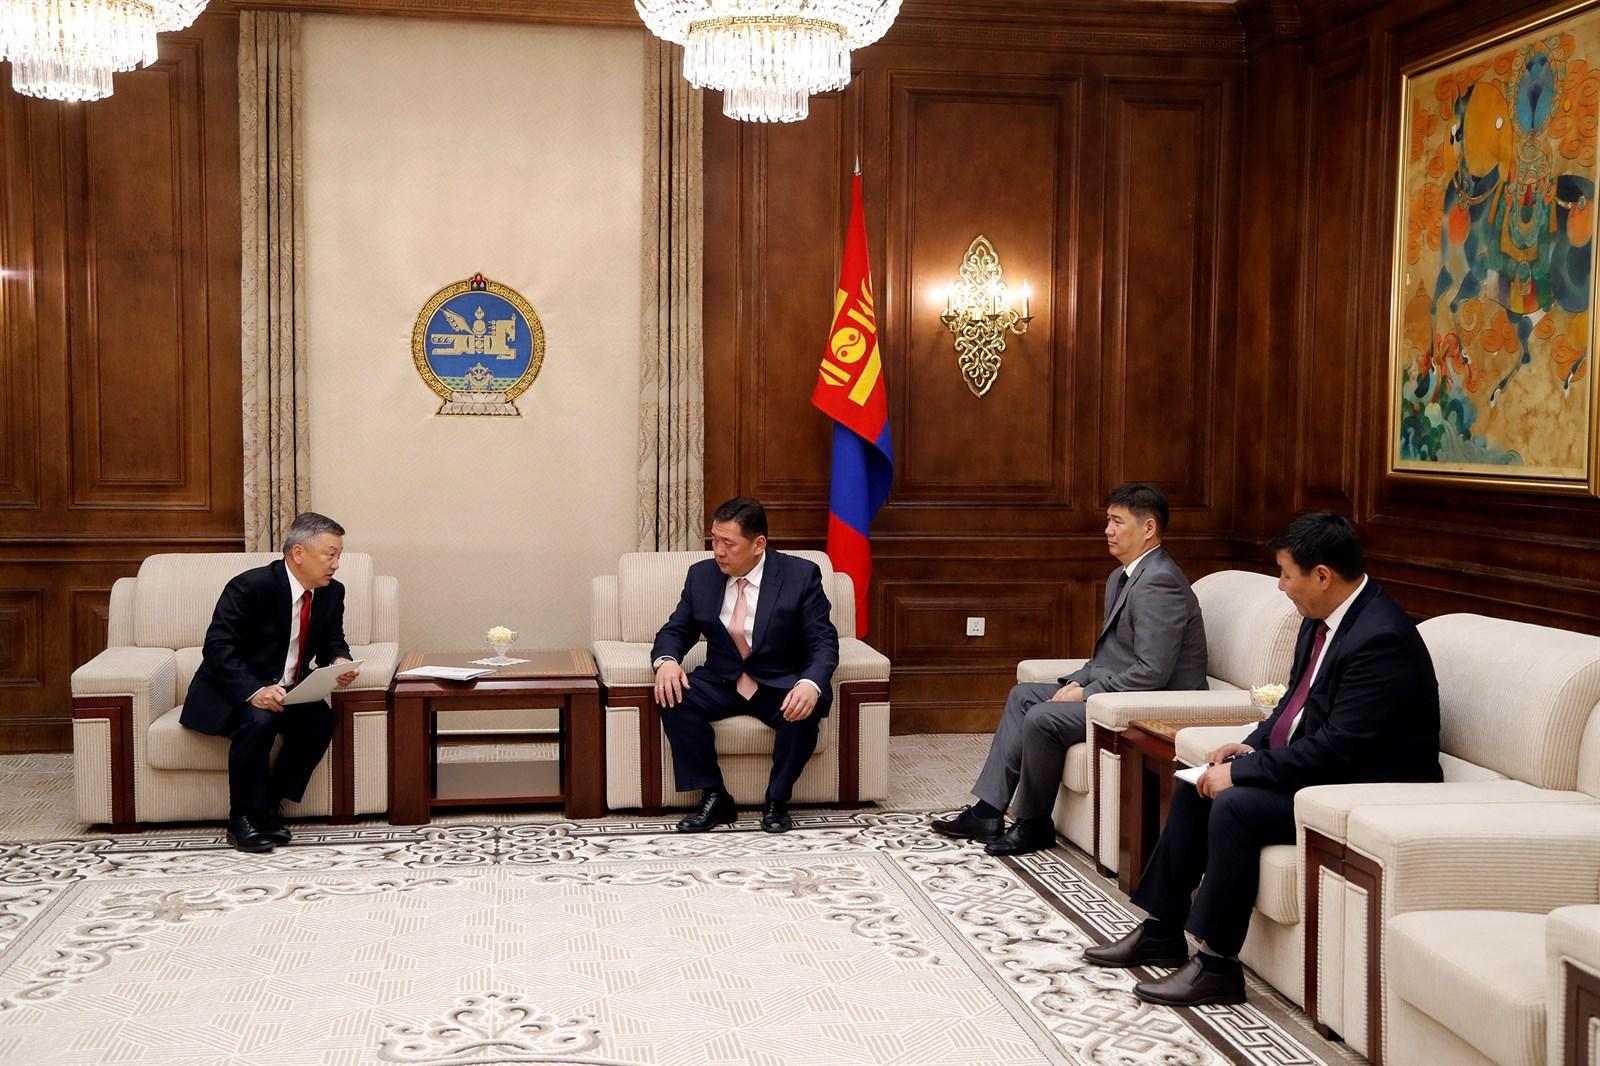 Монгол Улсын Ерөнхийлөгч Х.Баттулгын санаачилсан хуулийн төслийг өргөн барилаа